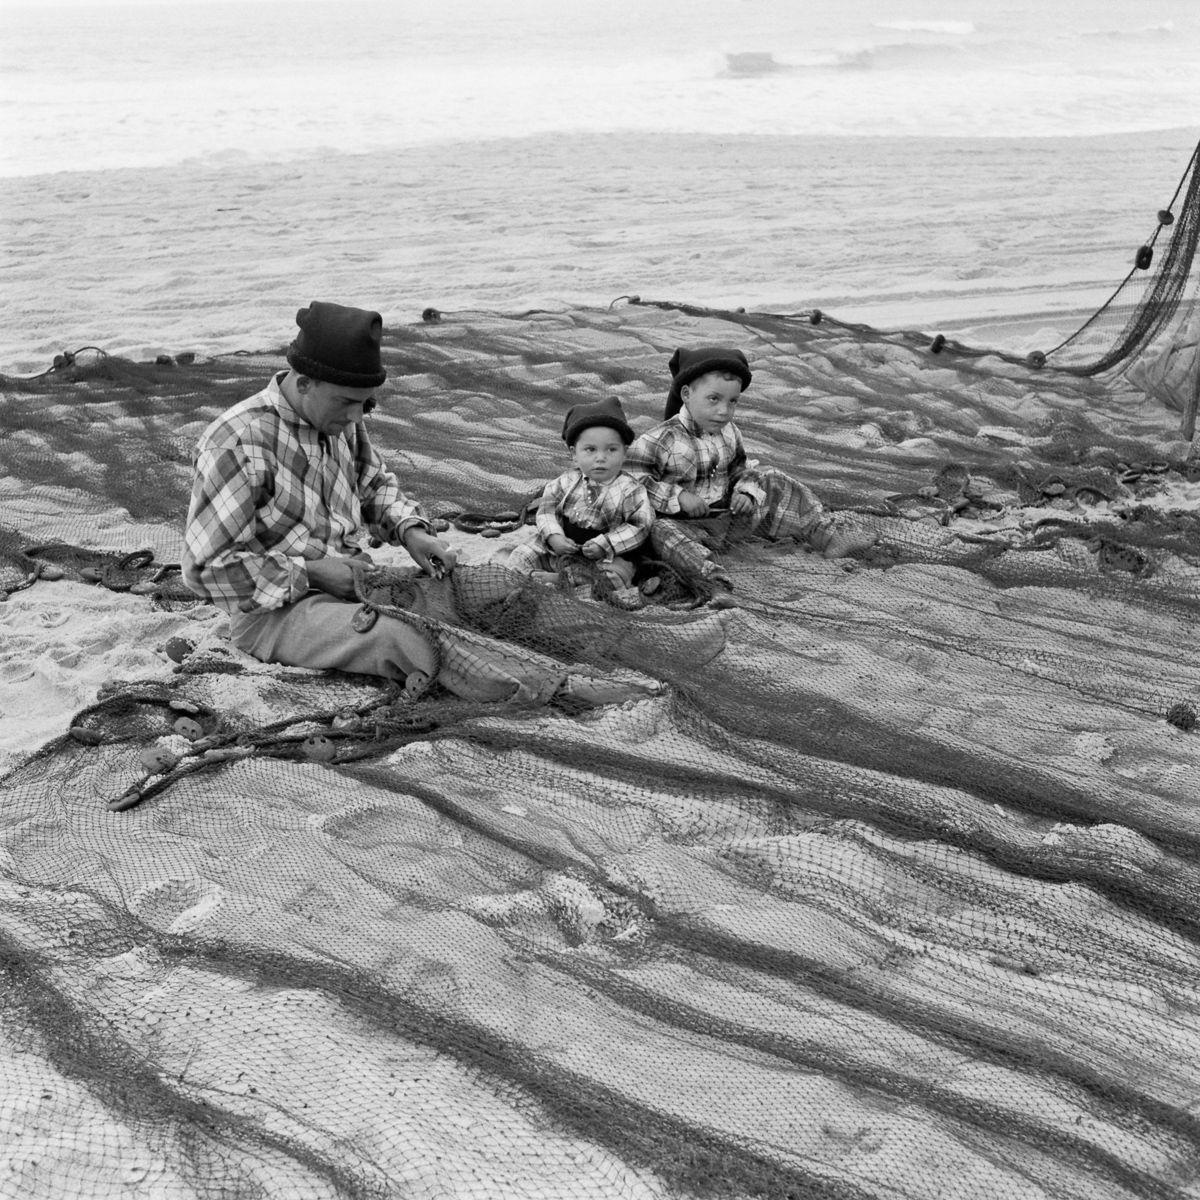 Fotografias deslumbrantes capturam a cultura da pesca dos anos 50 em Portugal 30